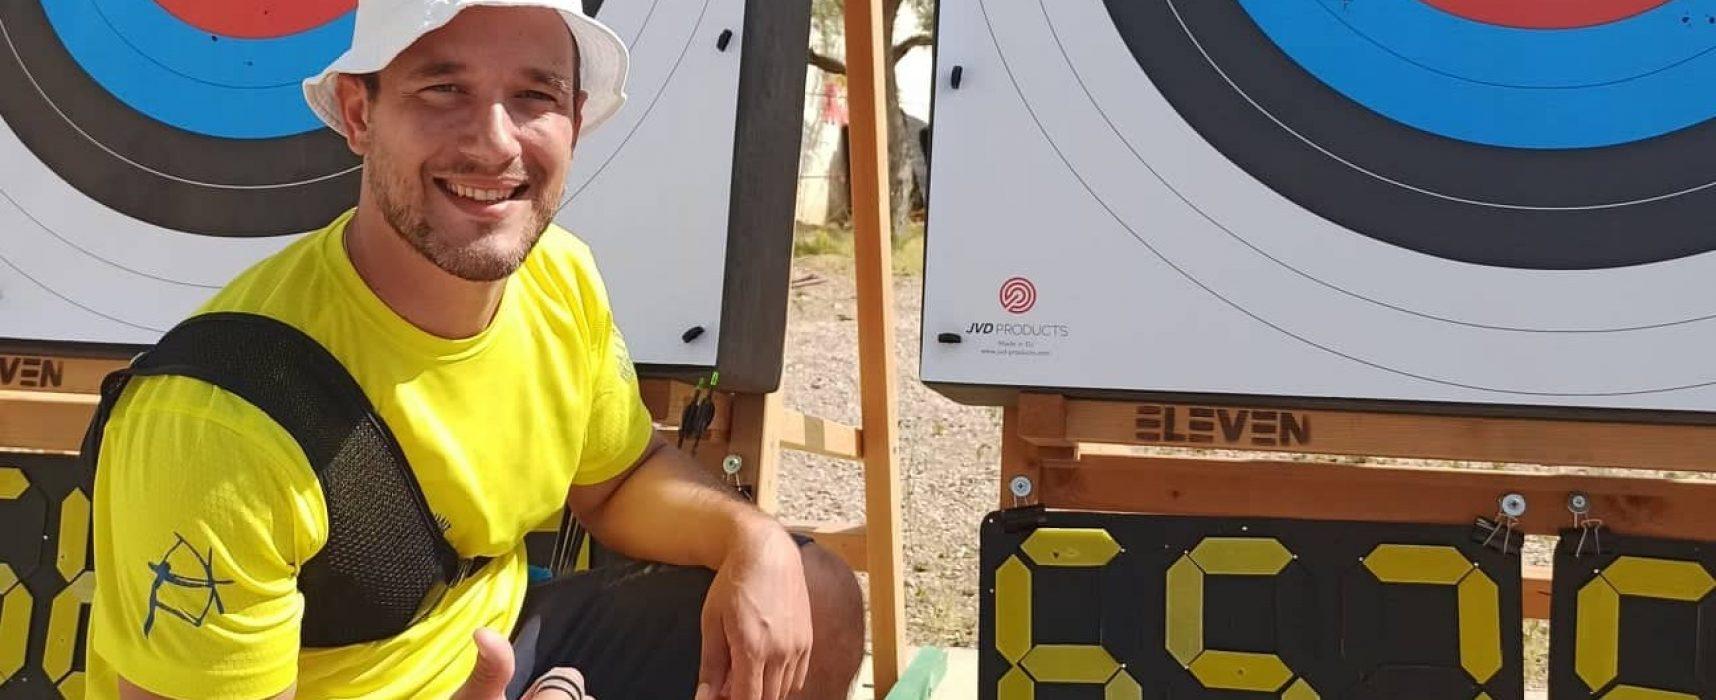 Πανελλήνιο ρεκόρ ο Σγούρος στο Ολυμπιακό Τόξο – Τα αποτελέσματα